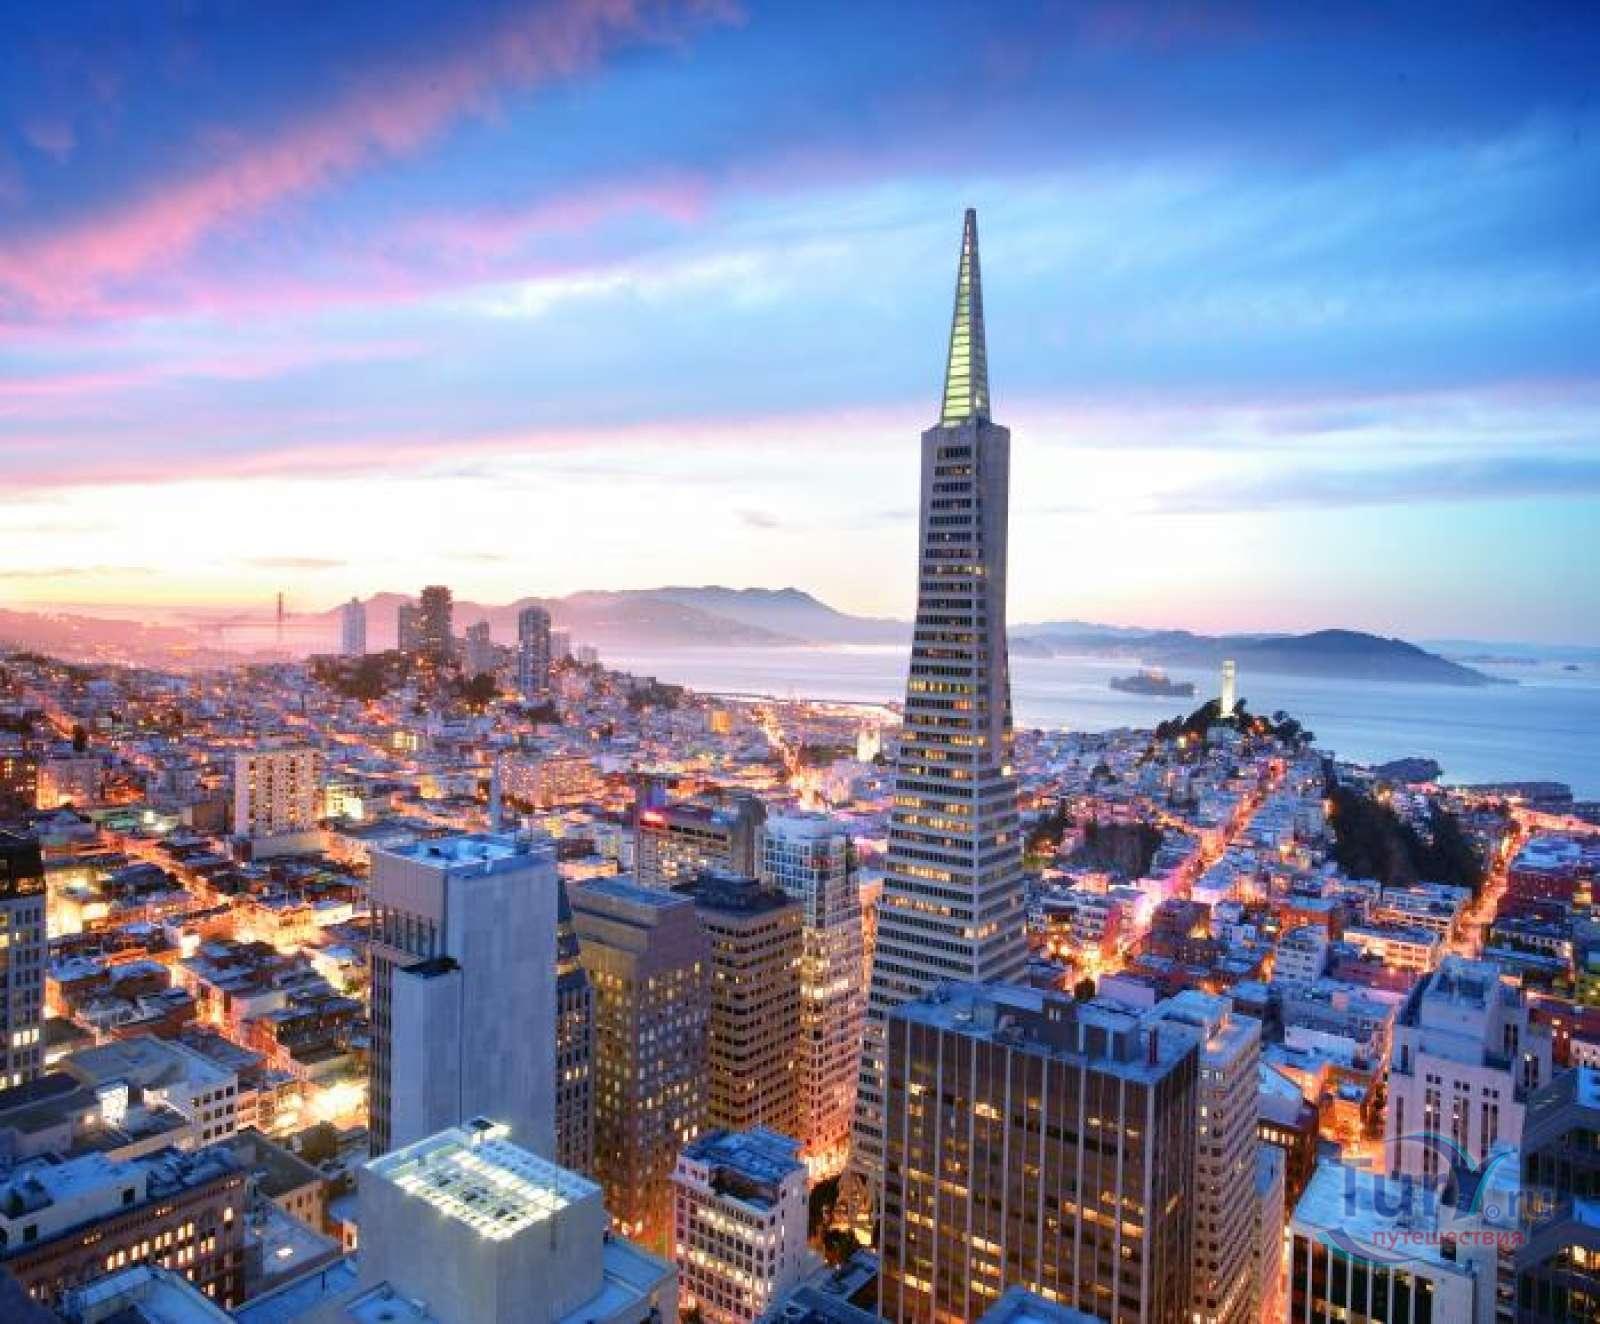 Отель Mandarin Oriental расположен в Сан-Франциско, США.